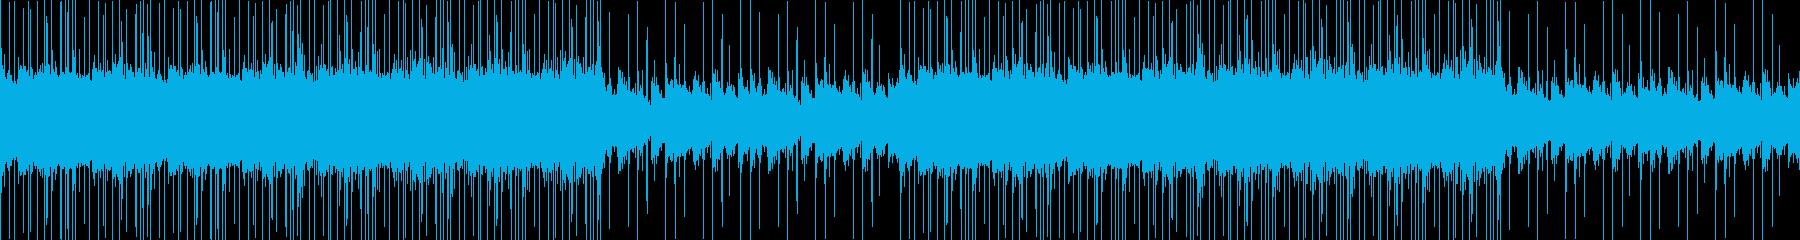 チルアウト、おしゃれ、朝、Vlogの再生済みの波形